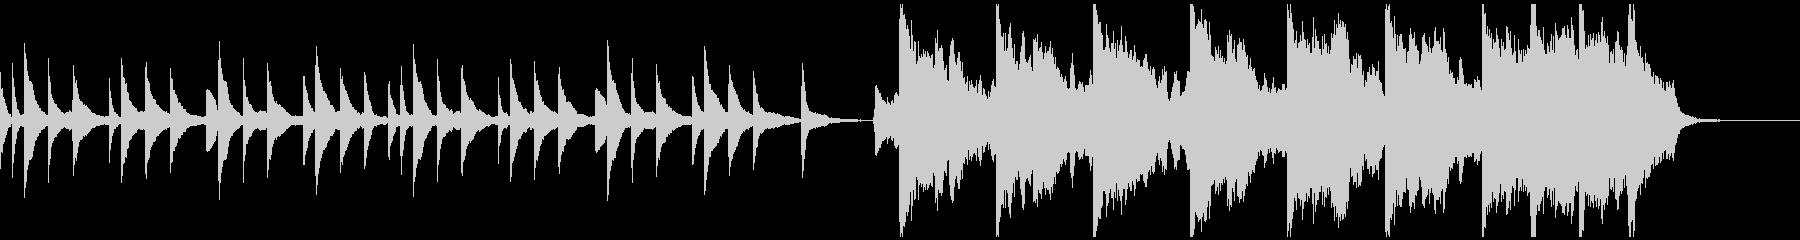 ピアノとバイオリンによる悲しい曲 Aの未再生の波形